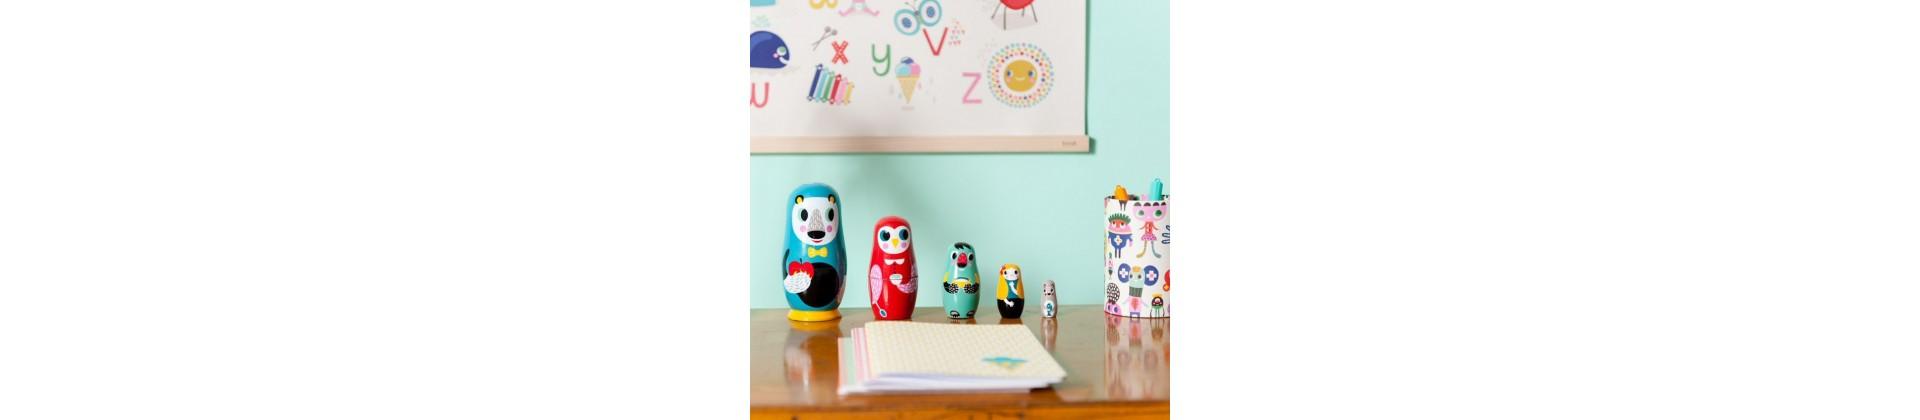 jouets vintage | jeux & jouets rétro bébé & enfant